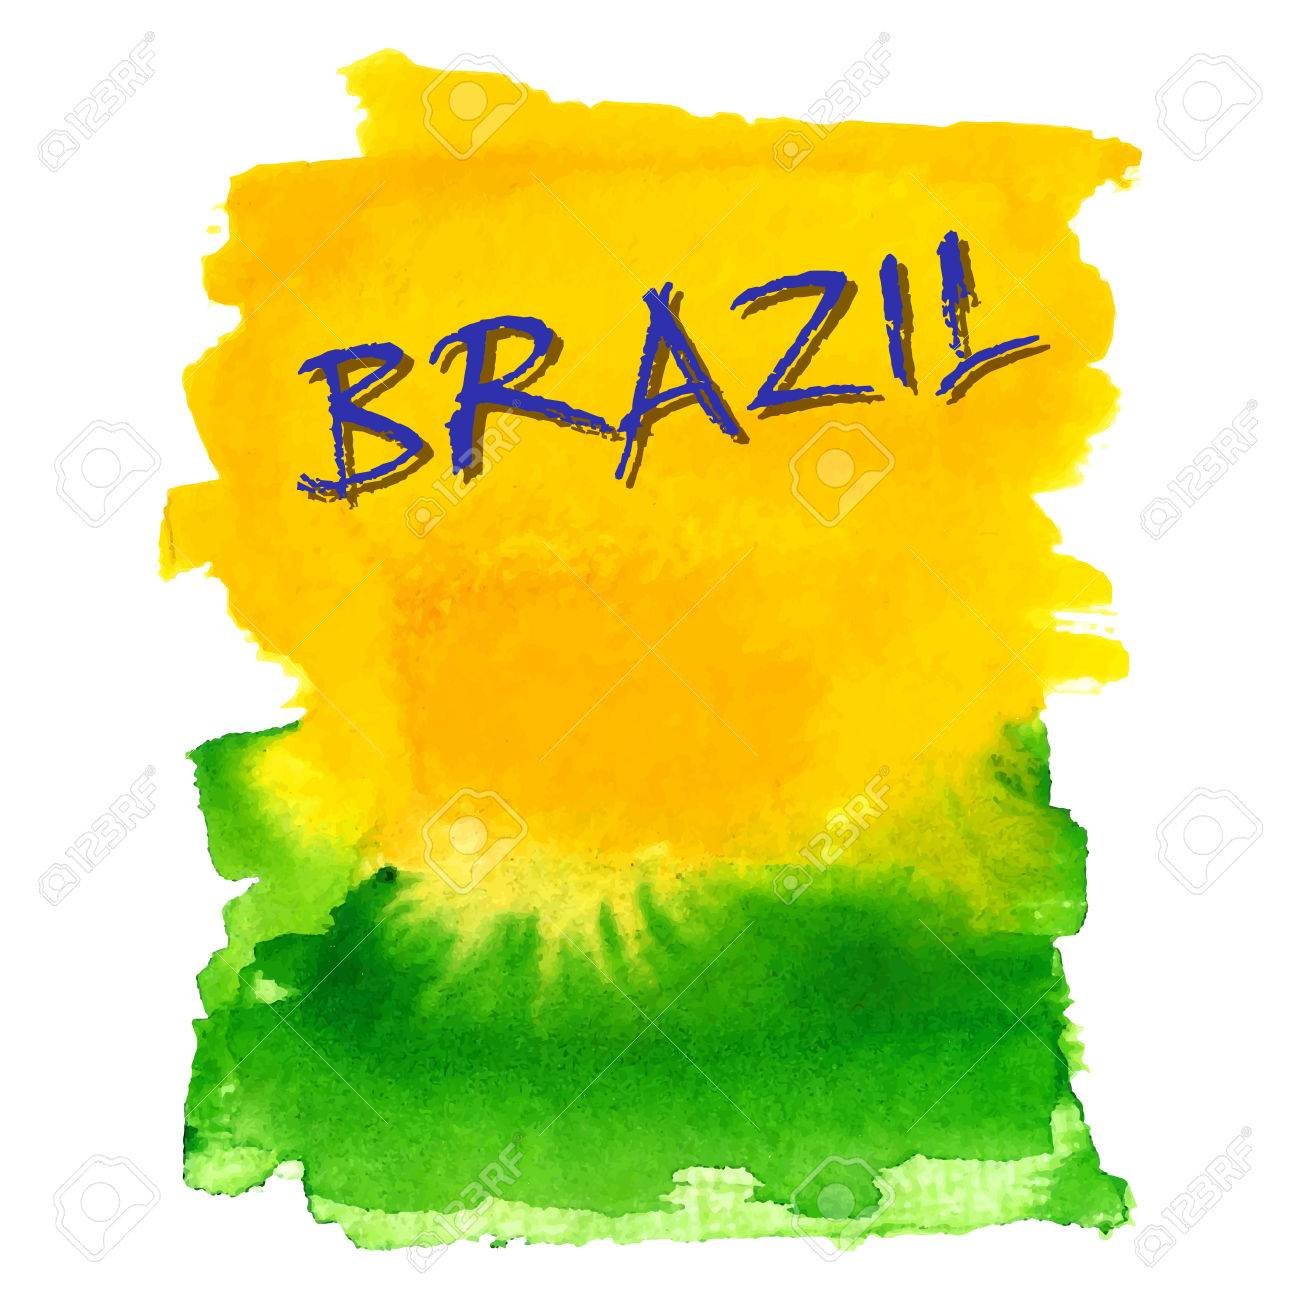 Handmade watercolor brazil flag brasil stock photos freeimages com - Handmade Watercolor Brazil Flag Background Stock Vector 39044175